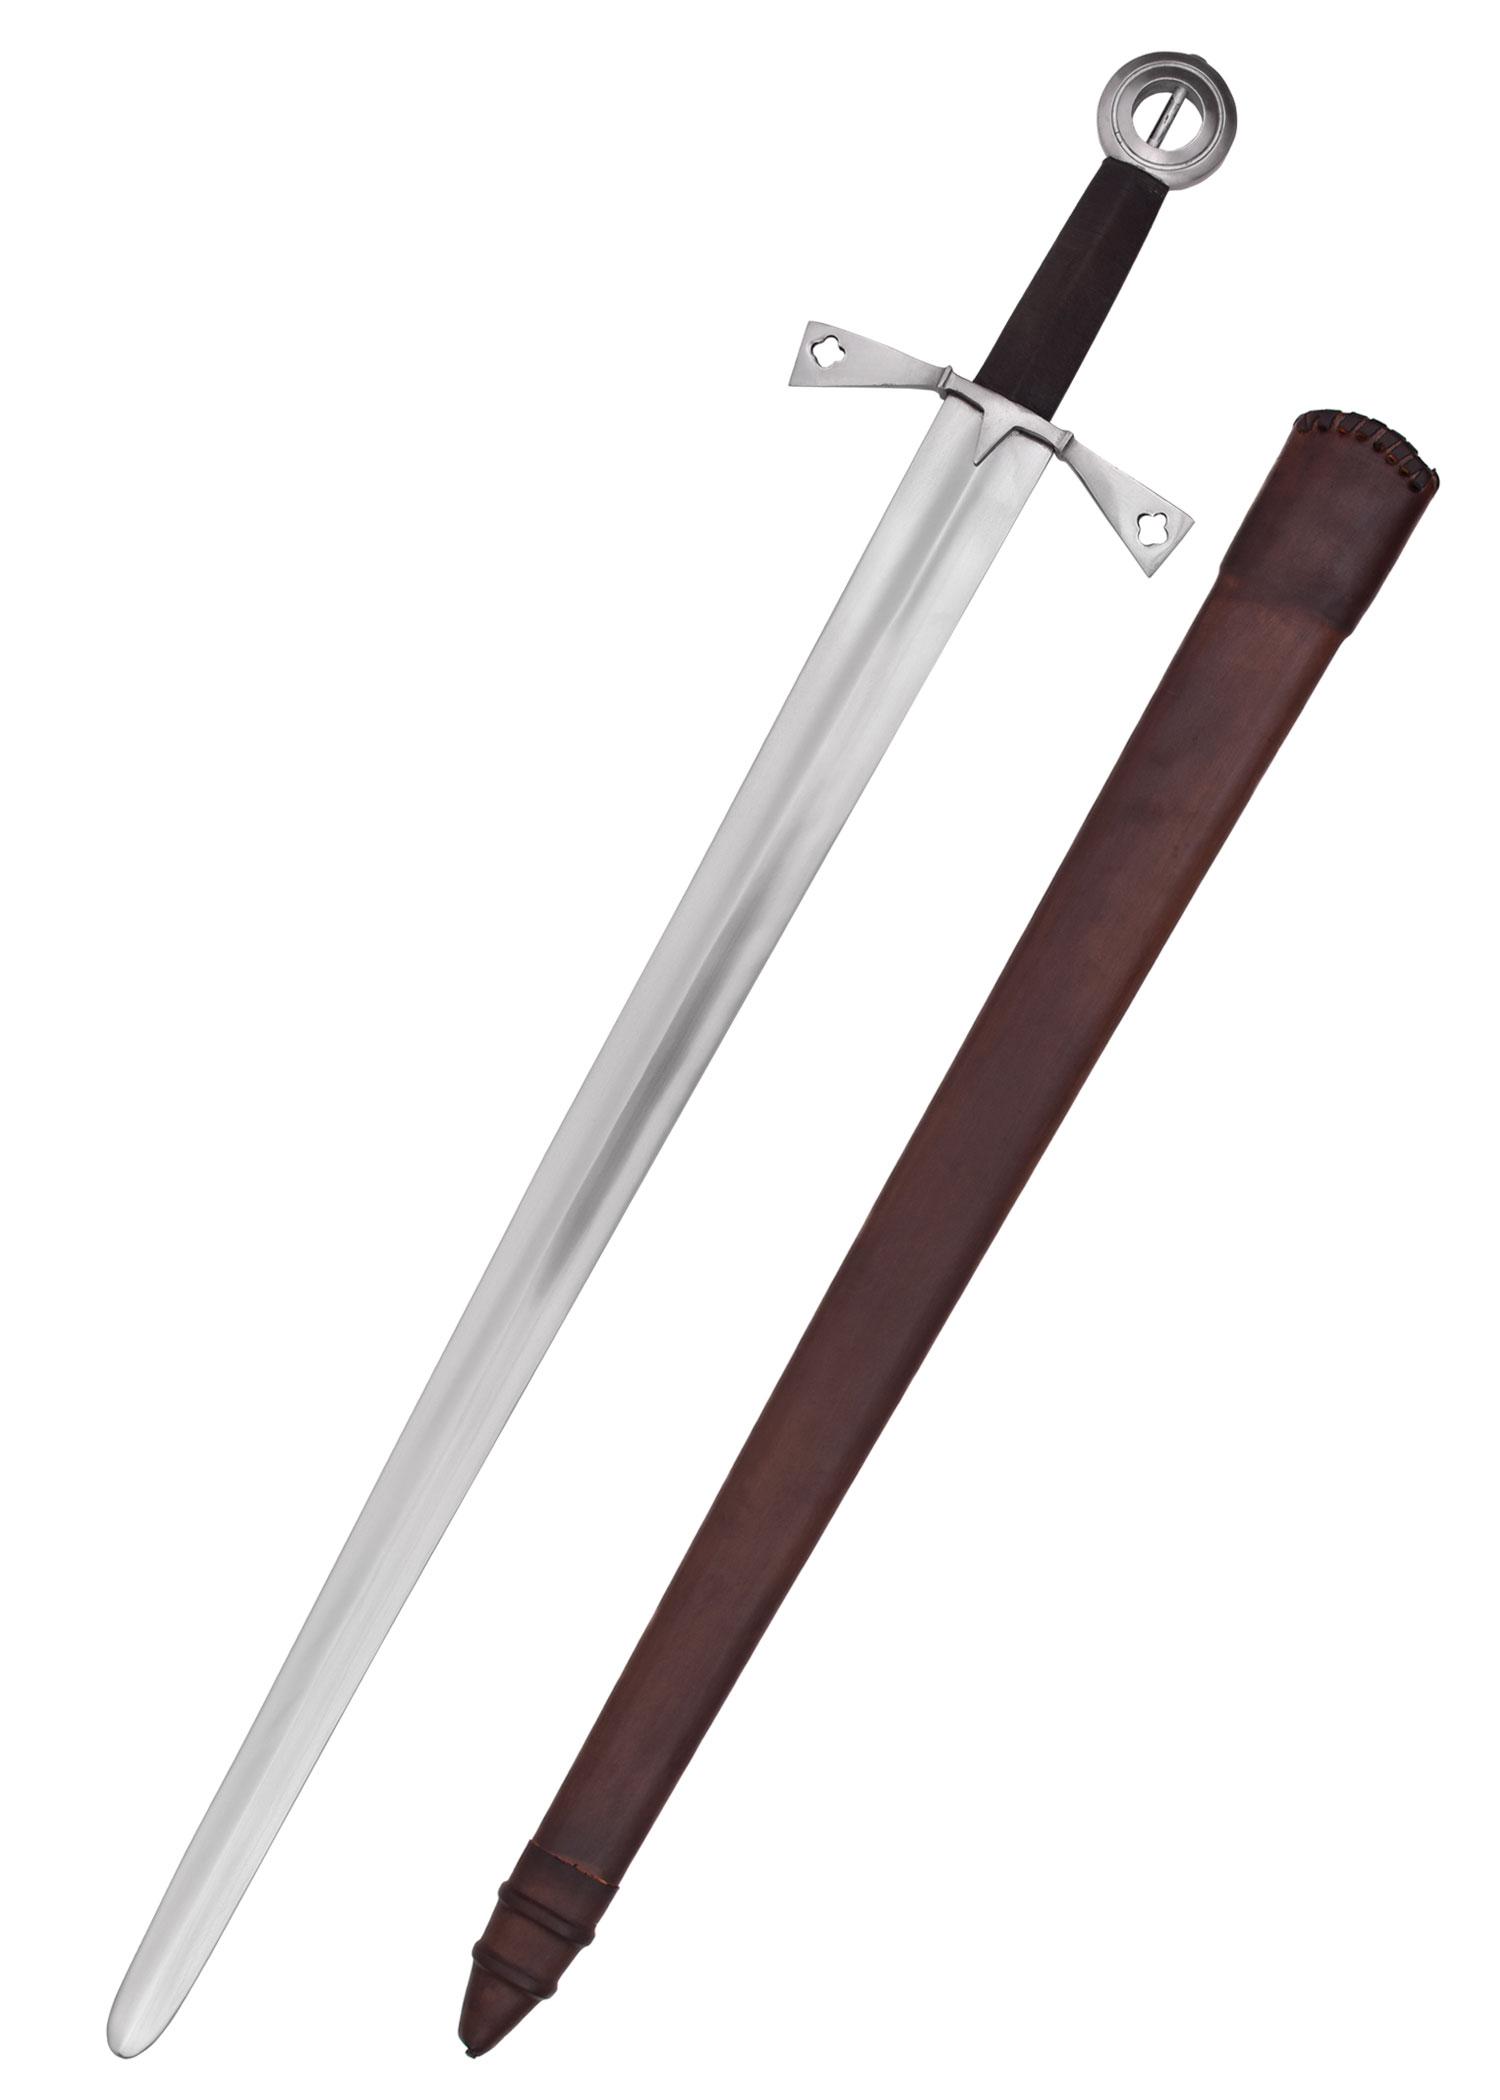 Irisches Einhandschwert, für leichten Schaukampf, SK-B